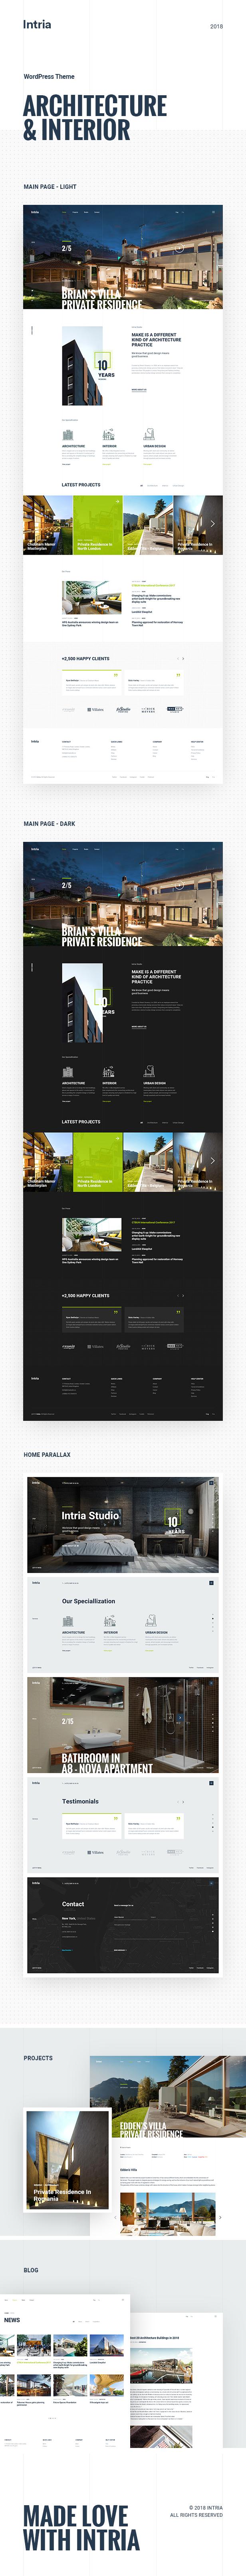 Intria - Architecture and Interior WordPress Theme - 5